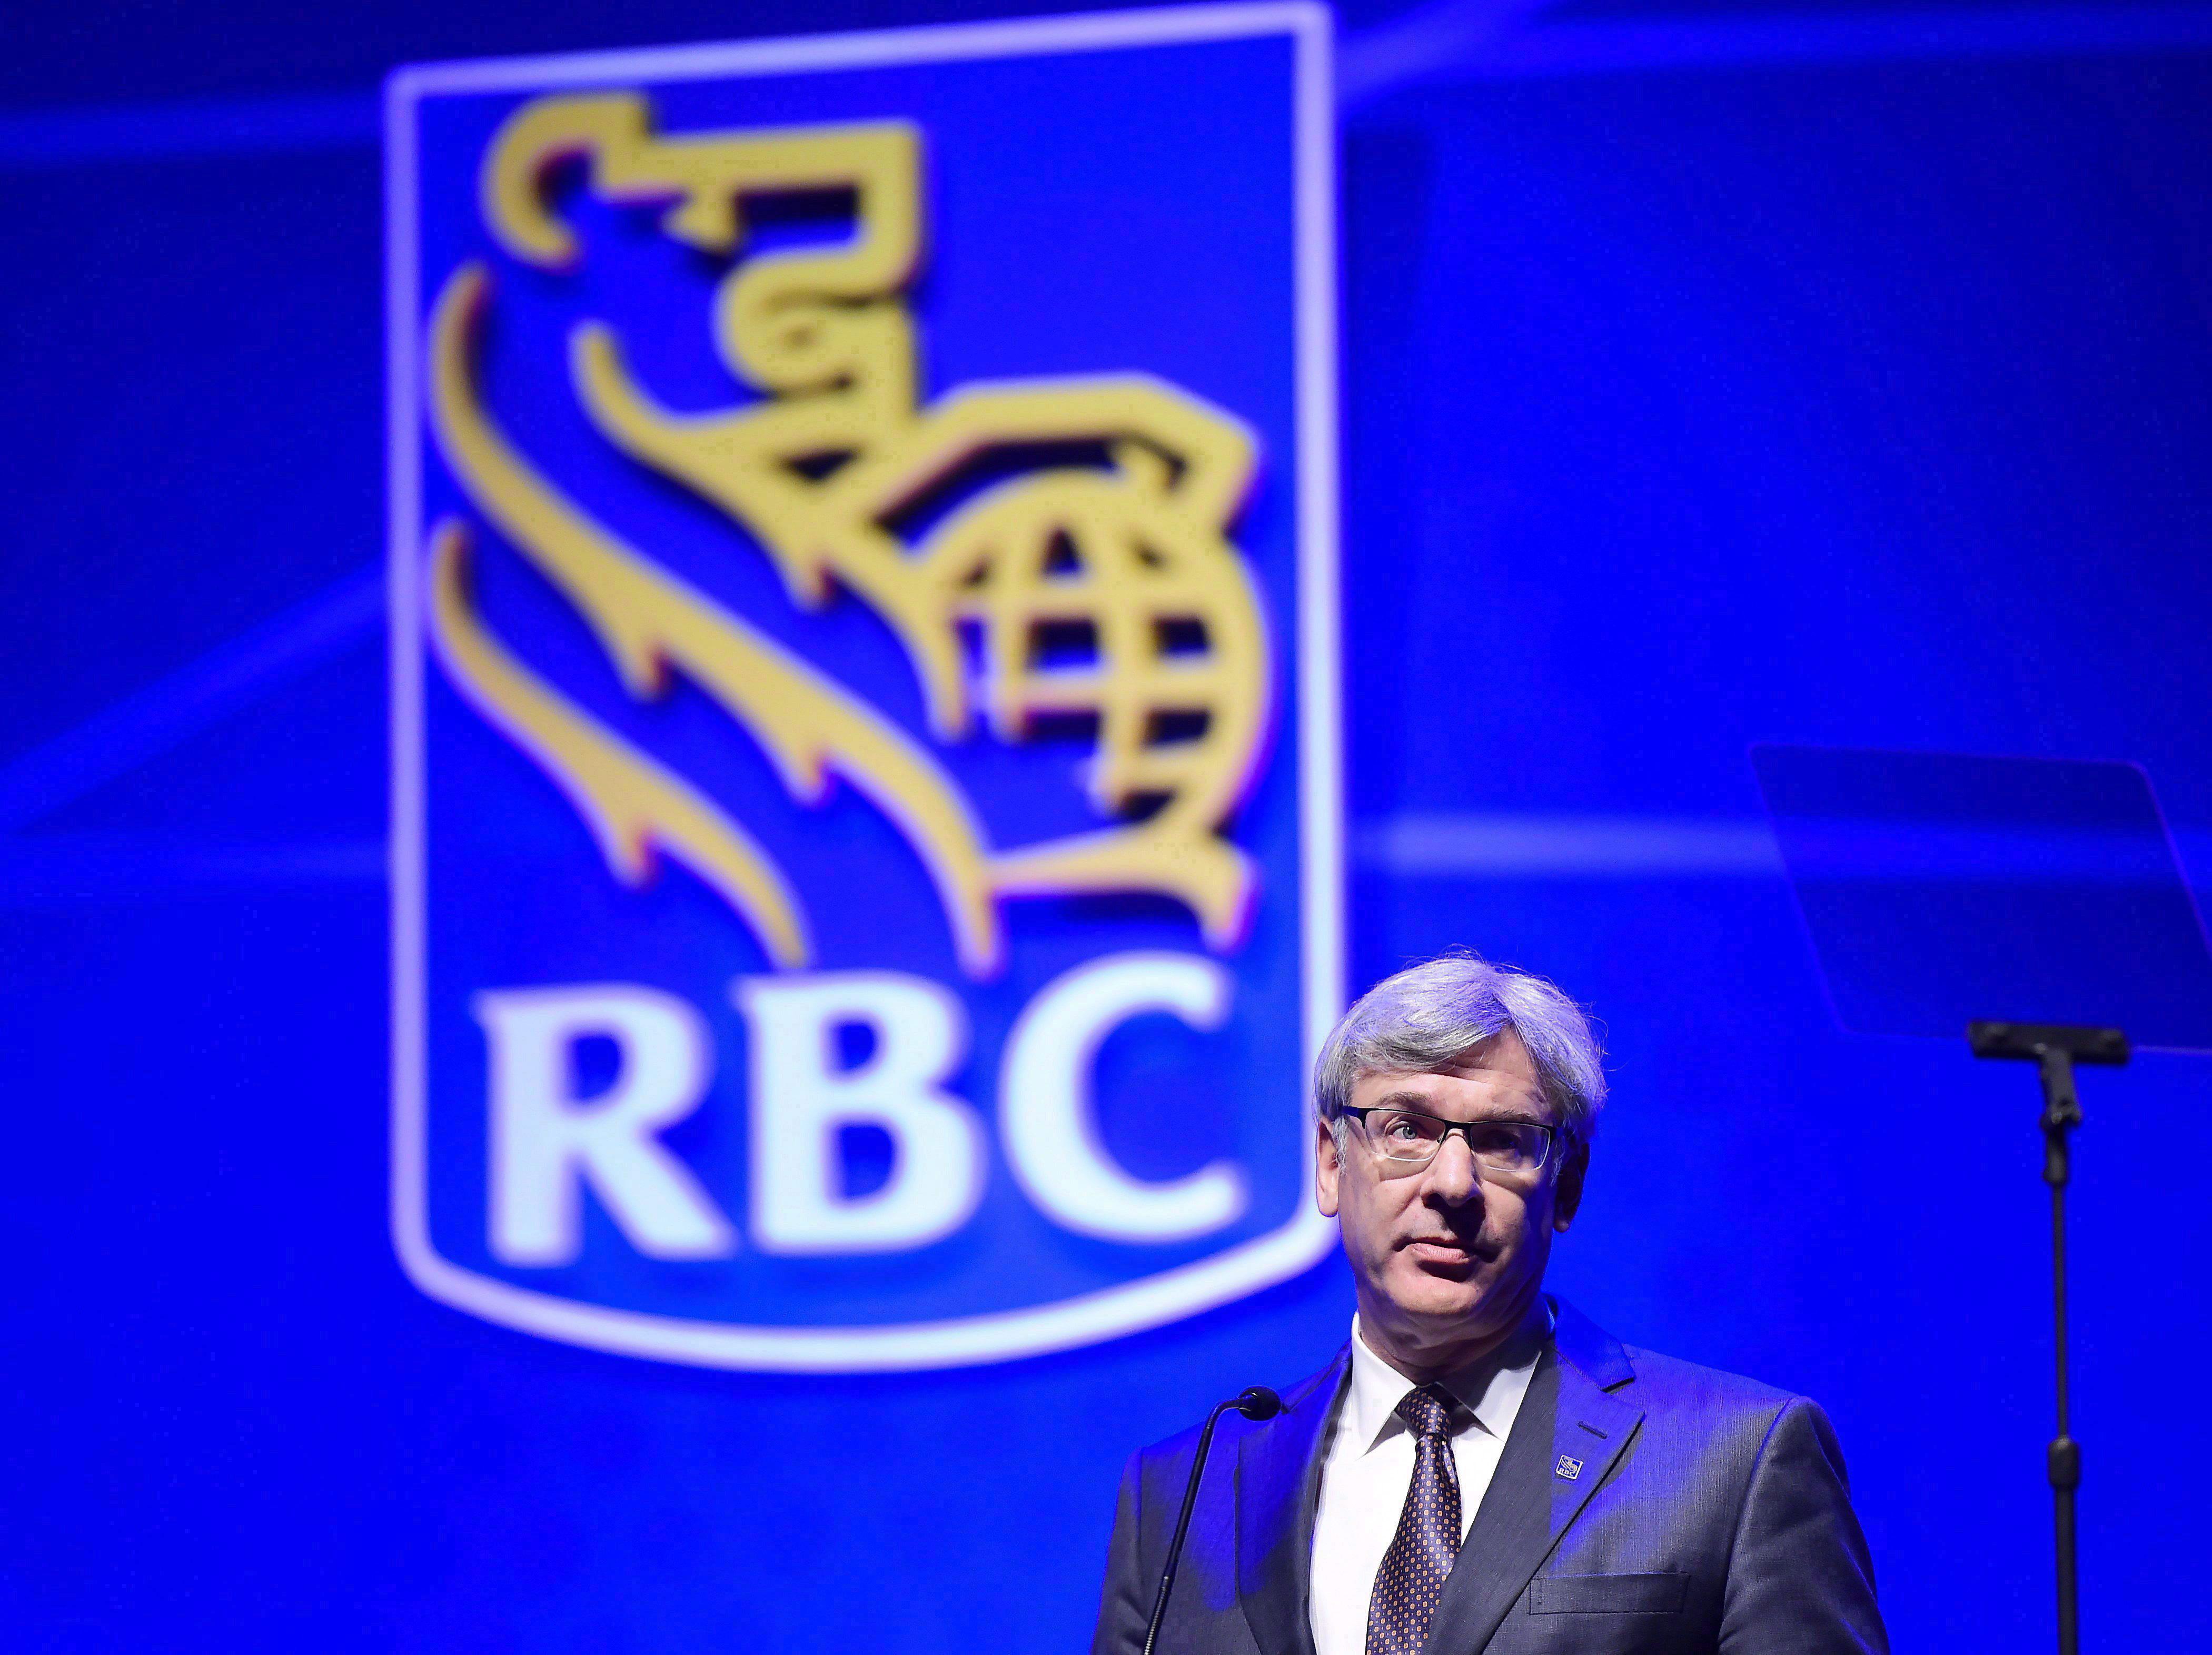 網絡公司涉及金融業 加拿大五大銀行擔心